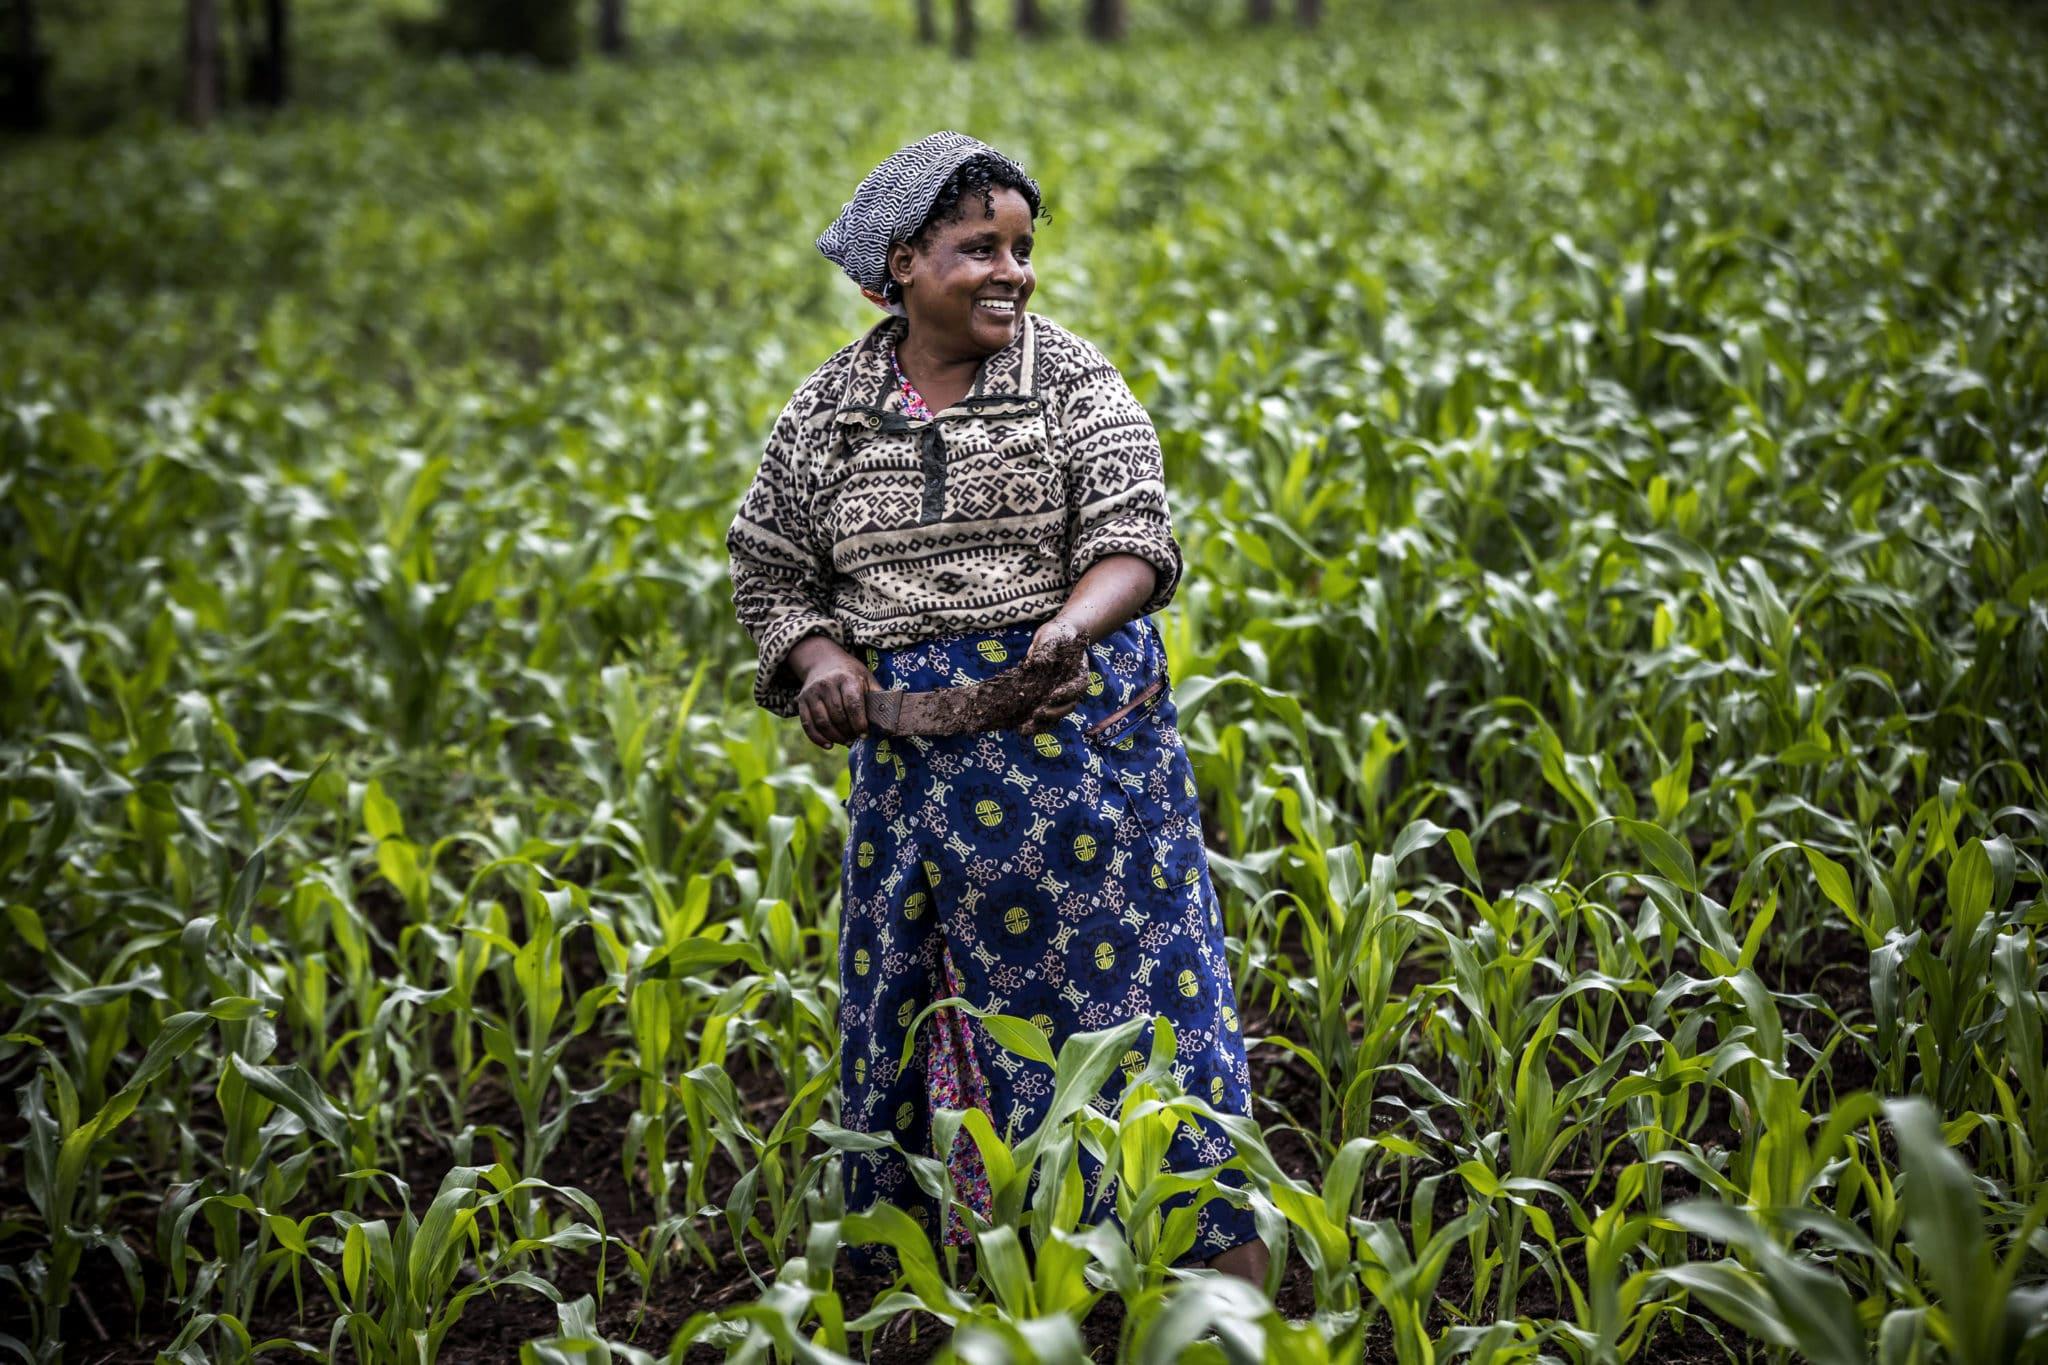 Africa: l'emergenza agricoltura non è più rinviabile